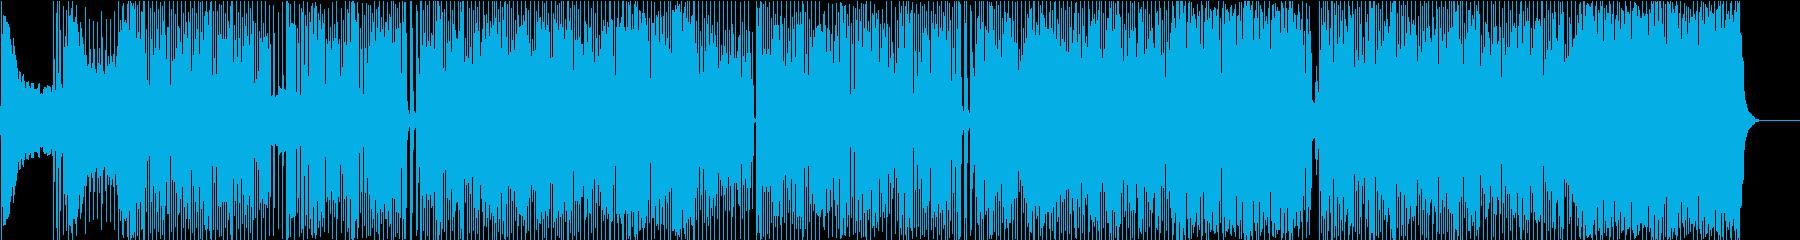 フィナーレを感じさせるインストBGMの再生済みの波形